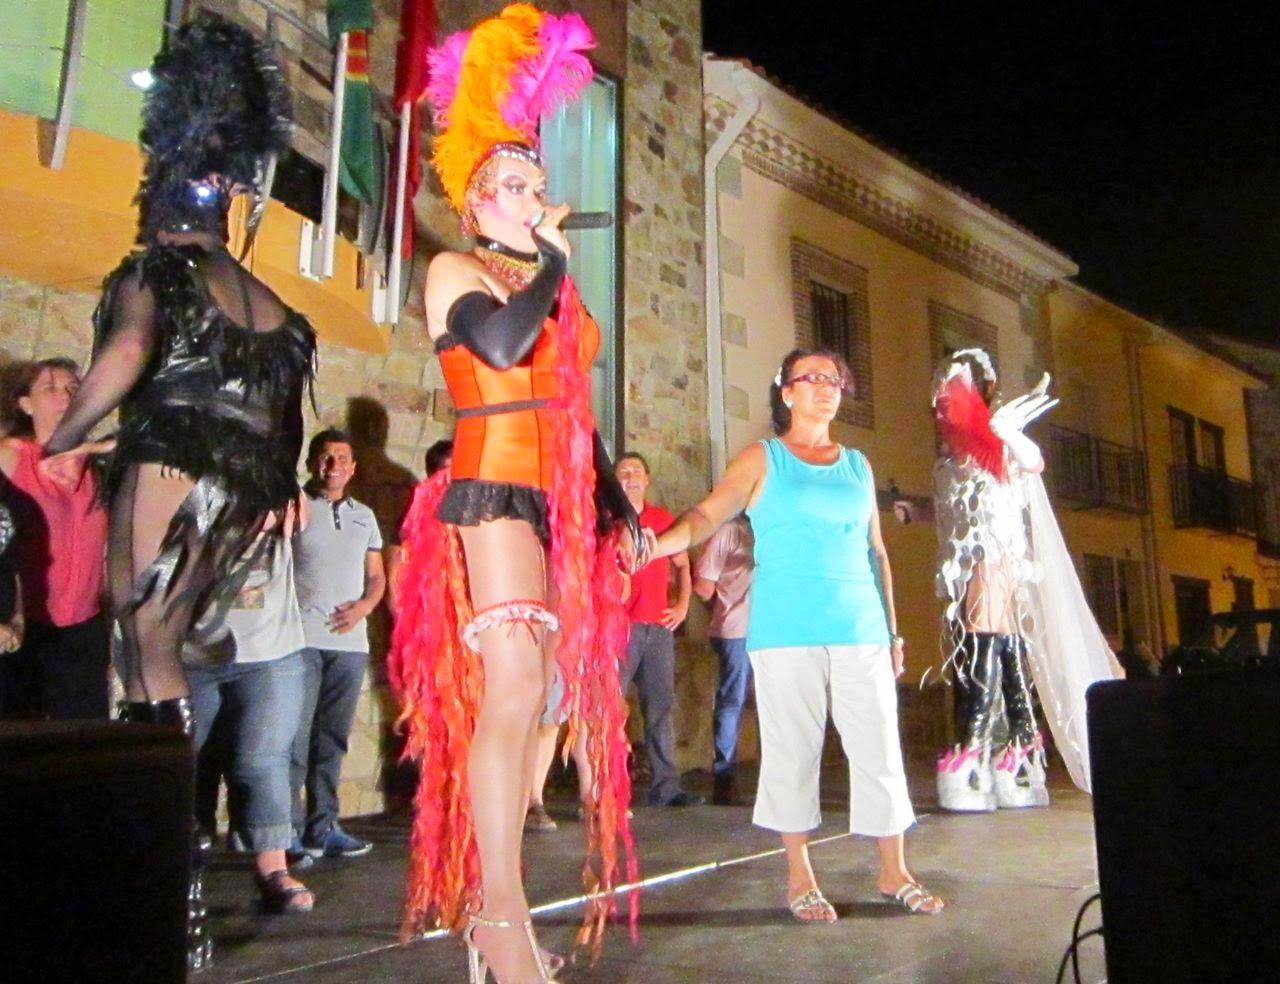 Espectáculo drag queen para fiestas de pueblos en Madrid